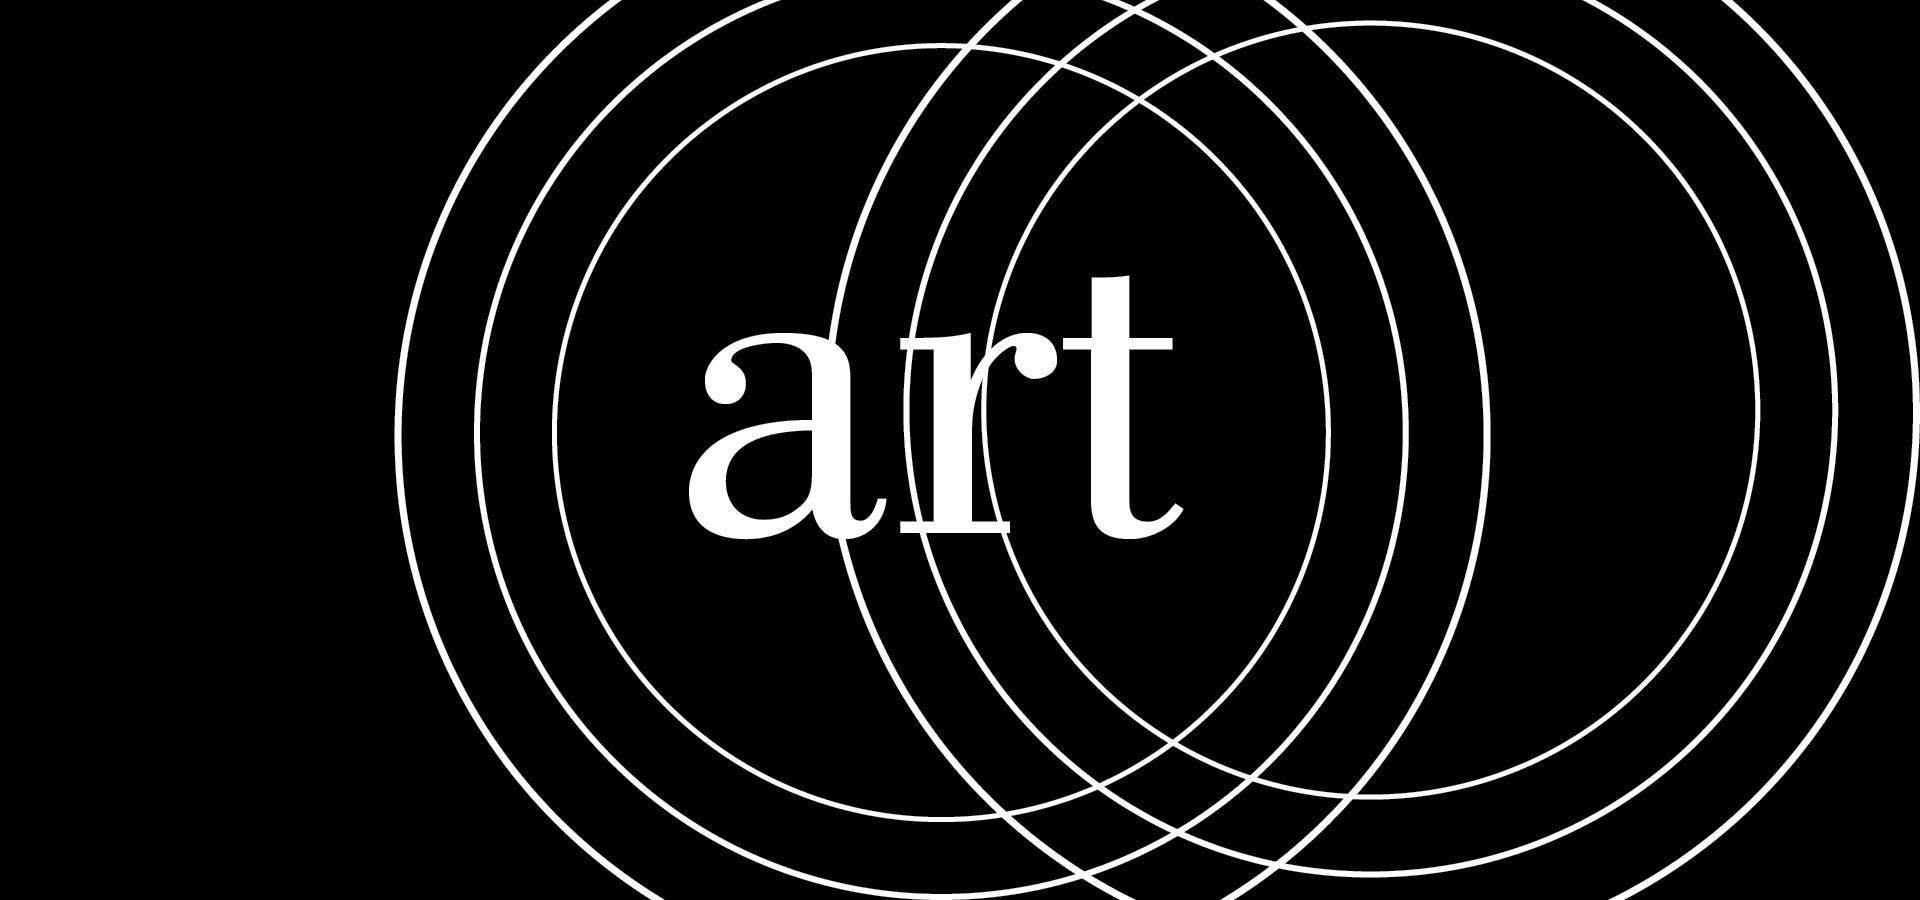 ArteMIX_1920x900_G&M_cover